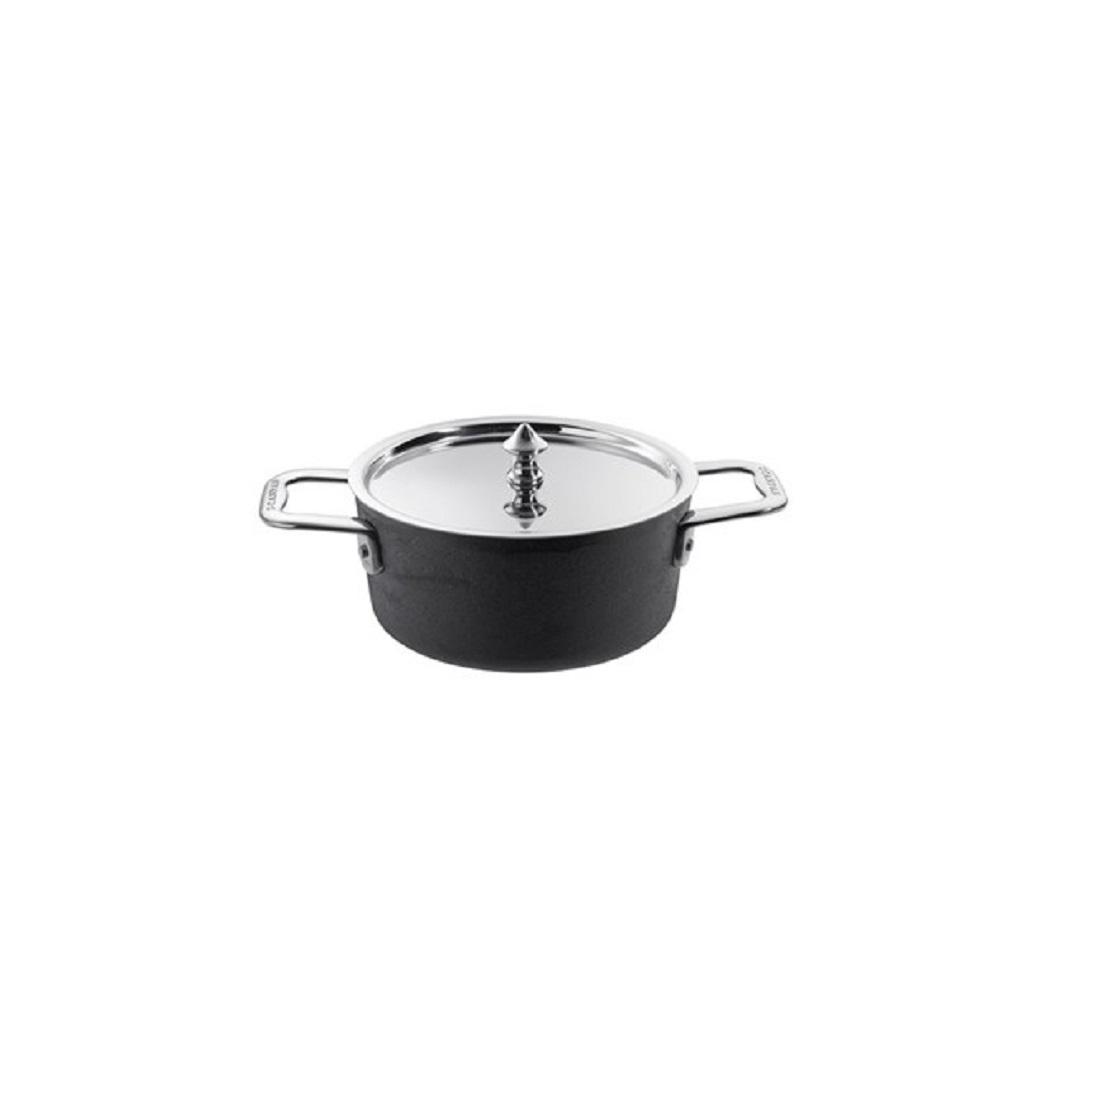 Онлайн каталог PROMENU: Кастрюля с крышкой порционная Scanpan MAITRE D, диаметр 14 см, объем 0,9 л, высота 6,7 см, черный Scanpan 97251400